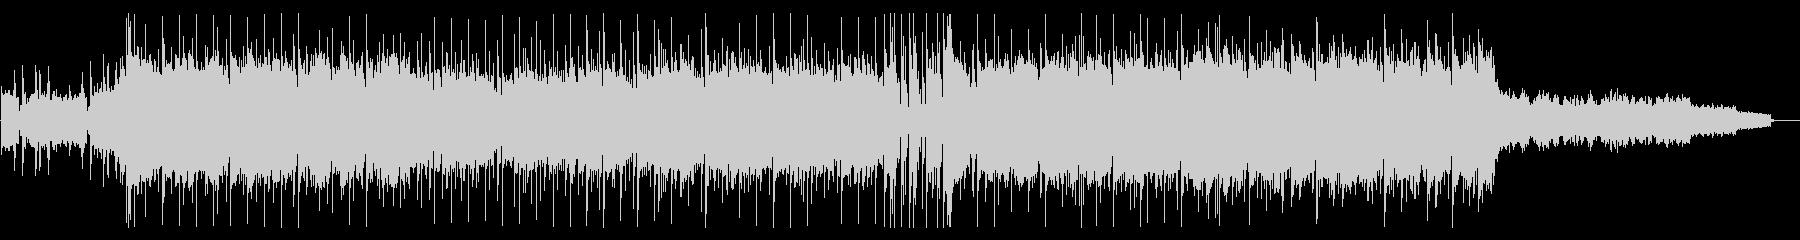 スタイリッシュなHIPHOPエレクトロの未再生の波形